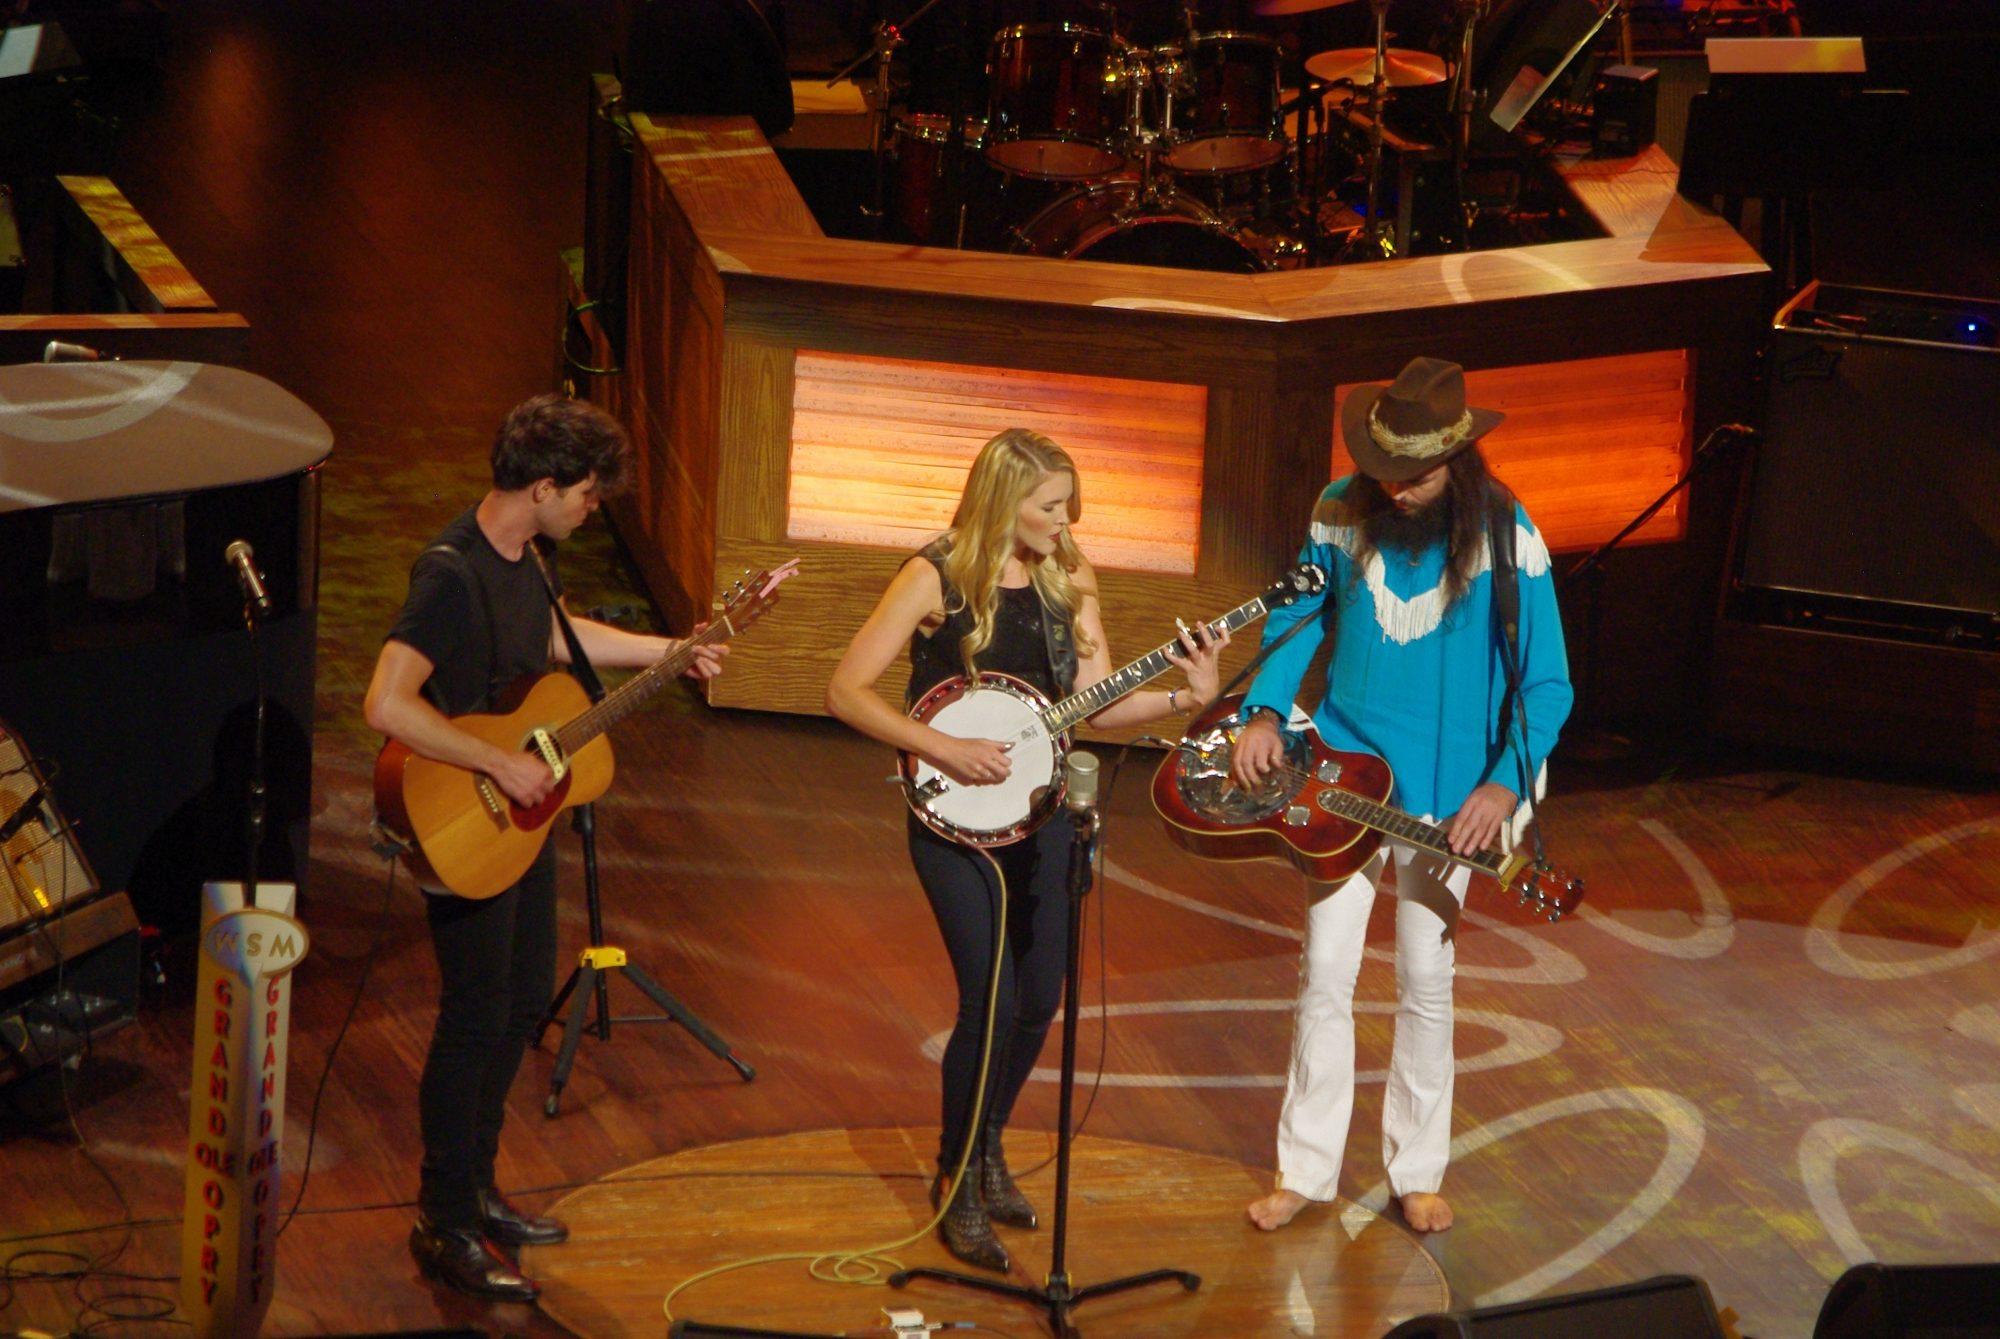 Un trio chouette. Au passage notez le guitariste slide aux pieds nus